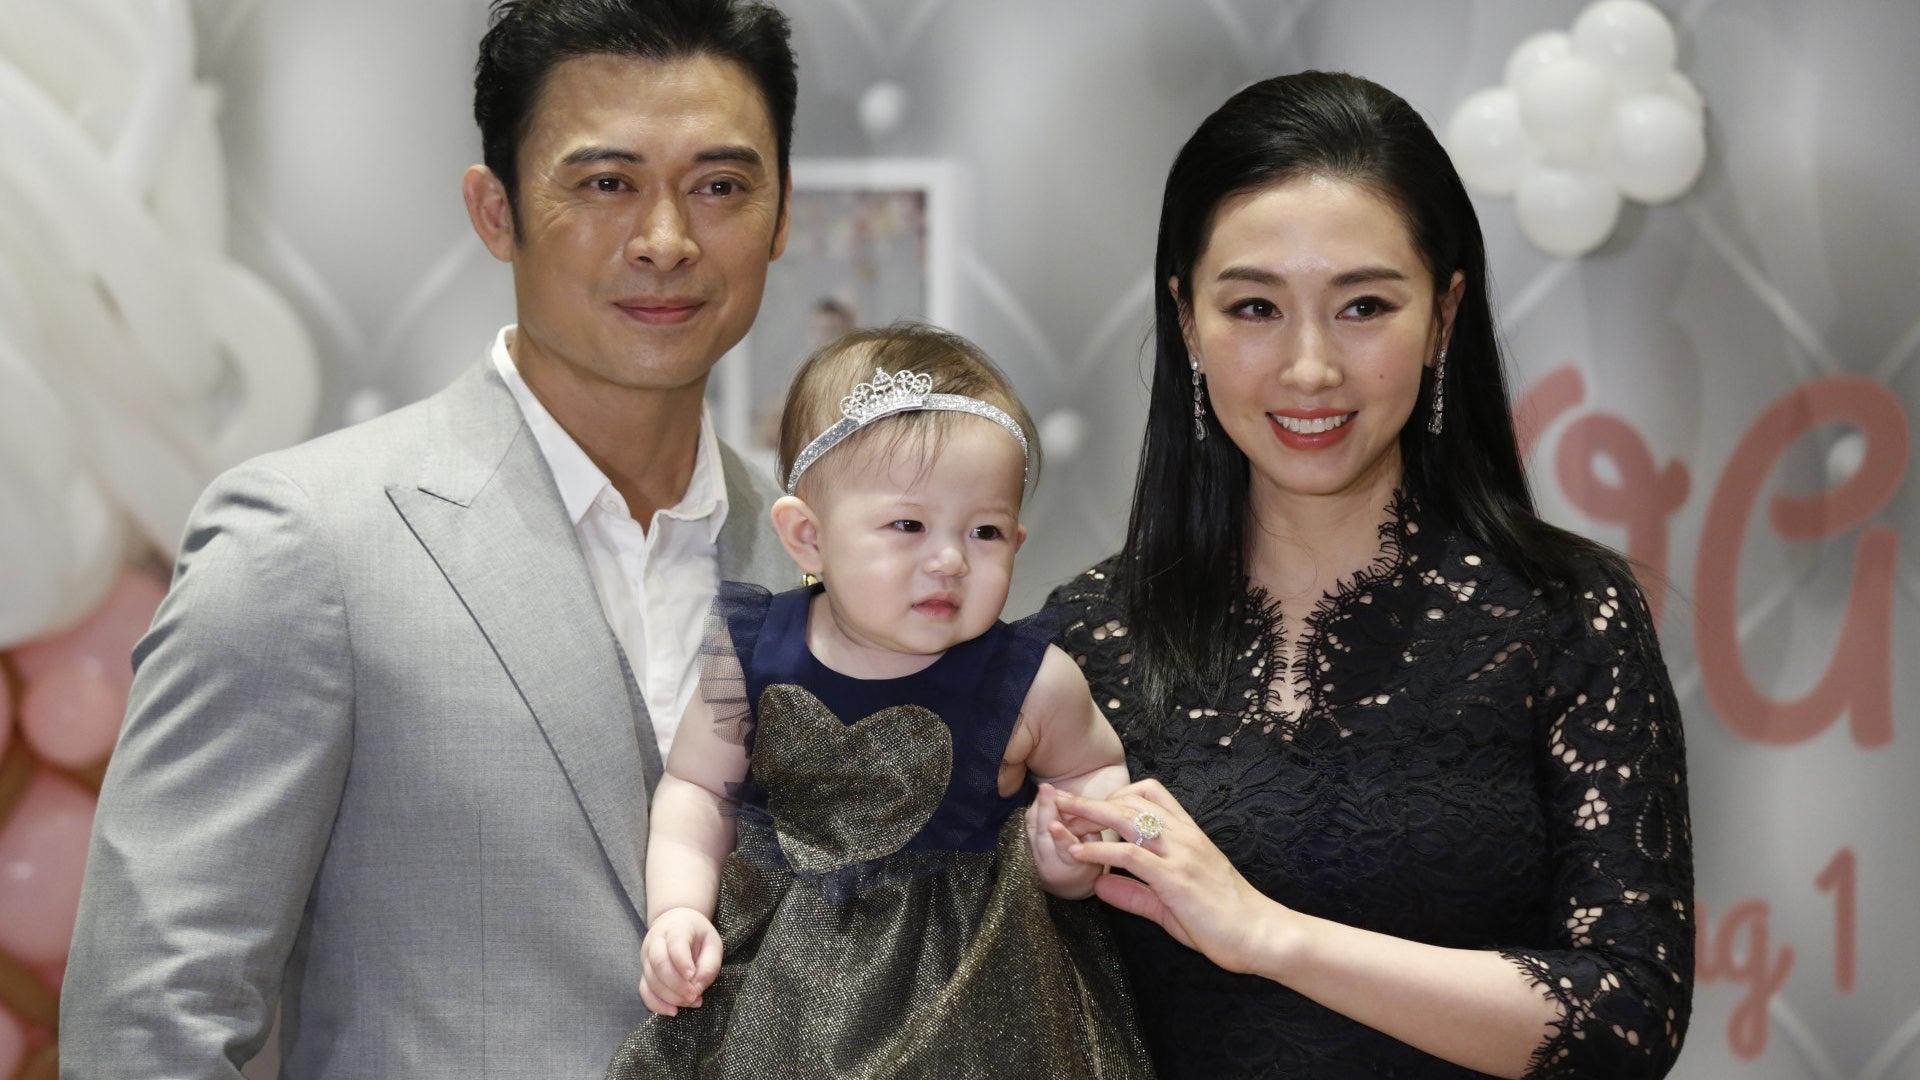 恭喜!樊少皇老婆贾晓晨宣布二胎出生,怀孕期间曾担心抑郁症复发